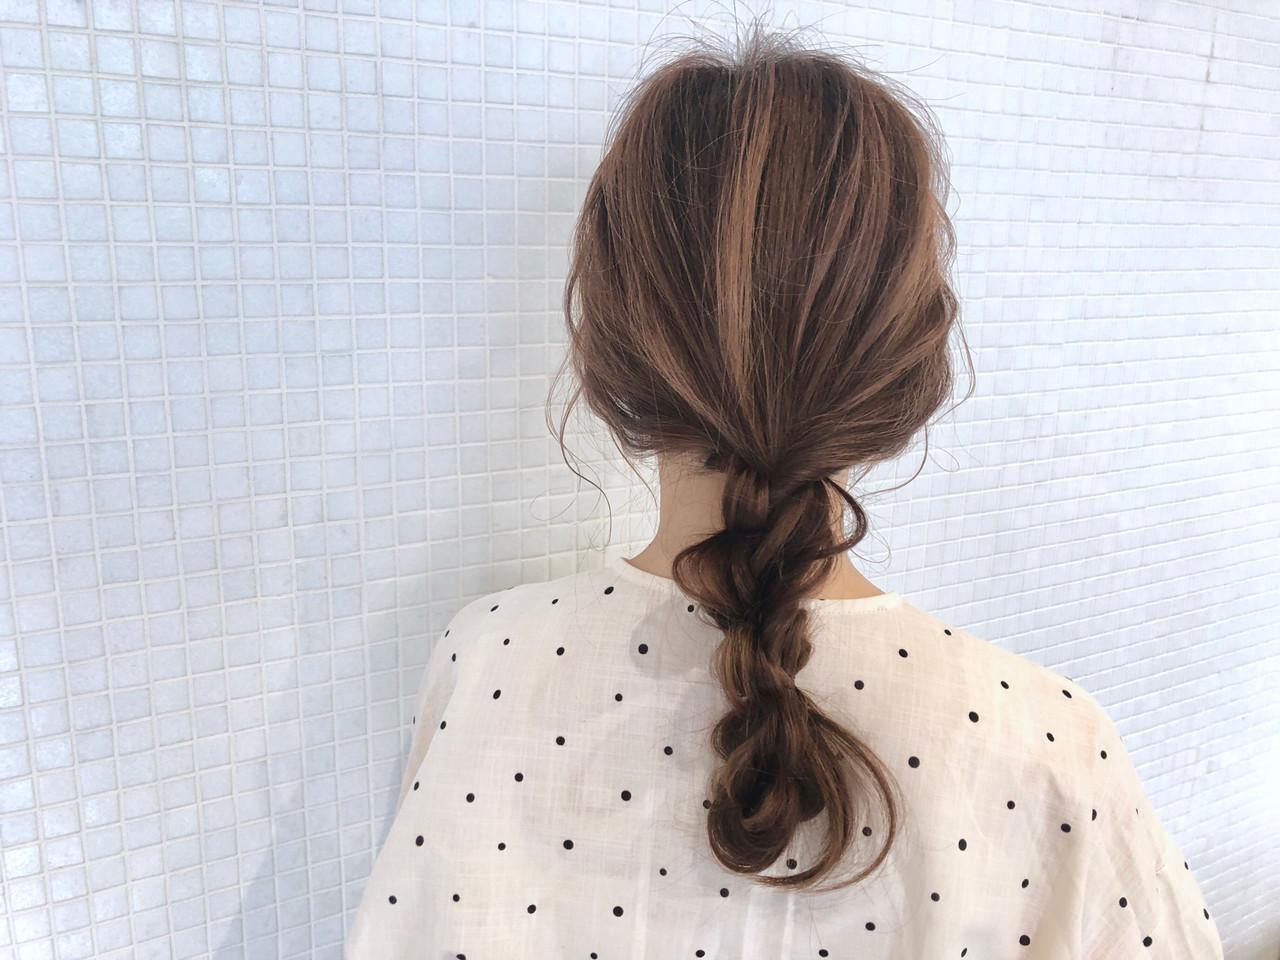 ヘアアレンジ お出かけヘア 簡単ヘアアレンジ 編みおろしヘア ヘアスタイルや髪型の写真・画像